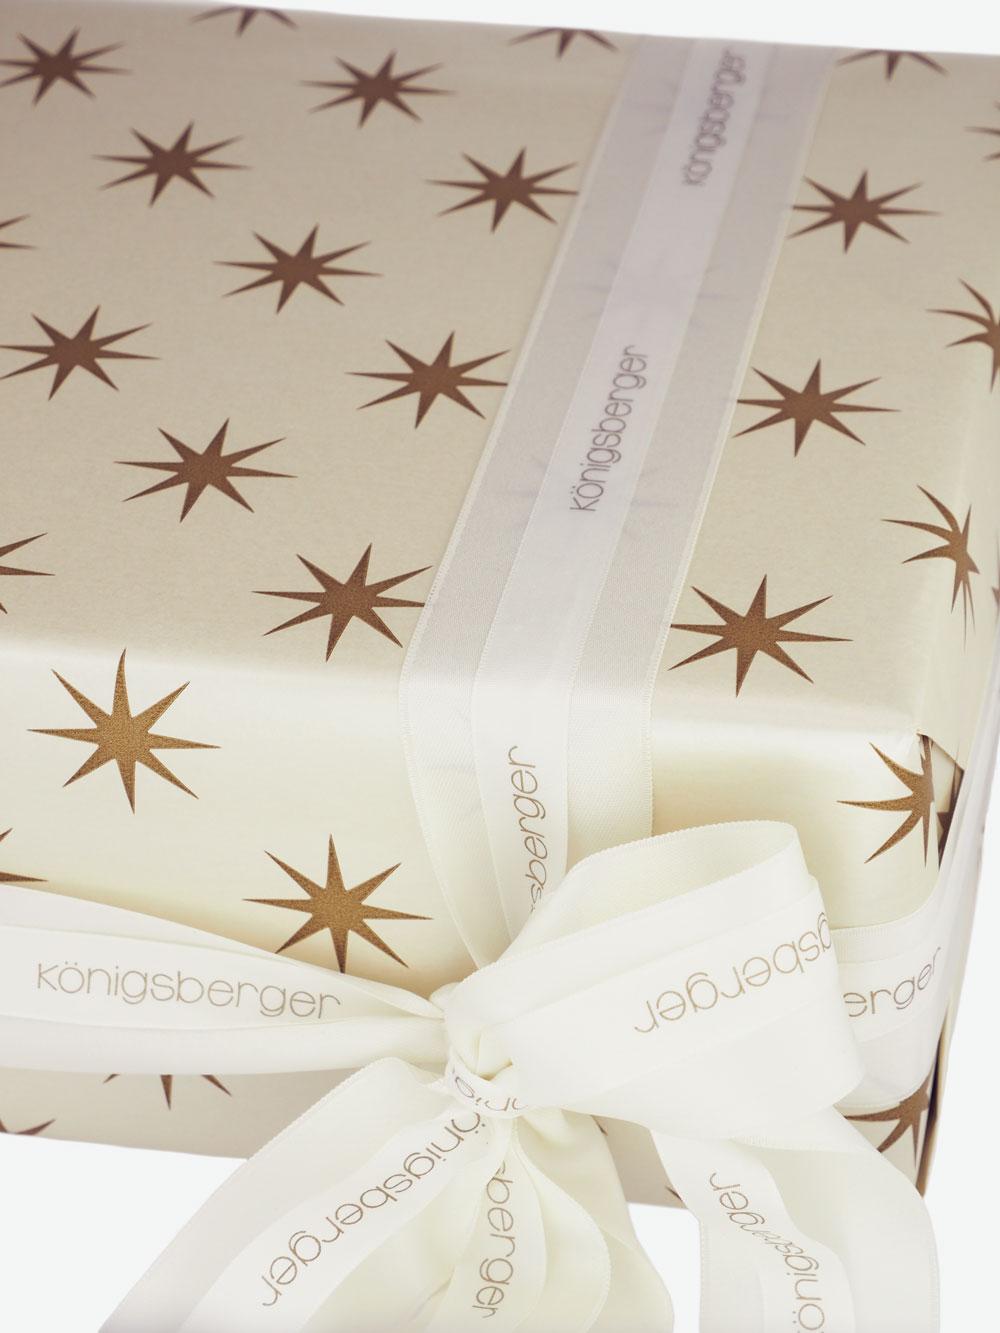 geschenkpapierverpackung-perlmutt-mit-sternen-kupfer